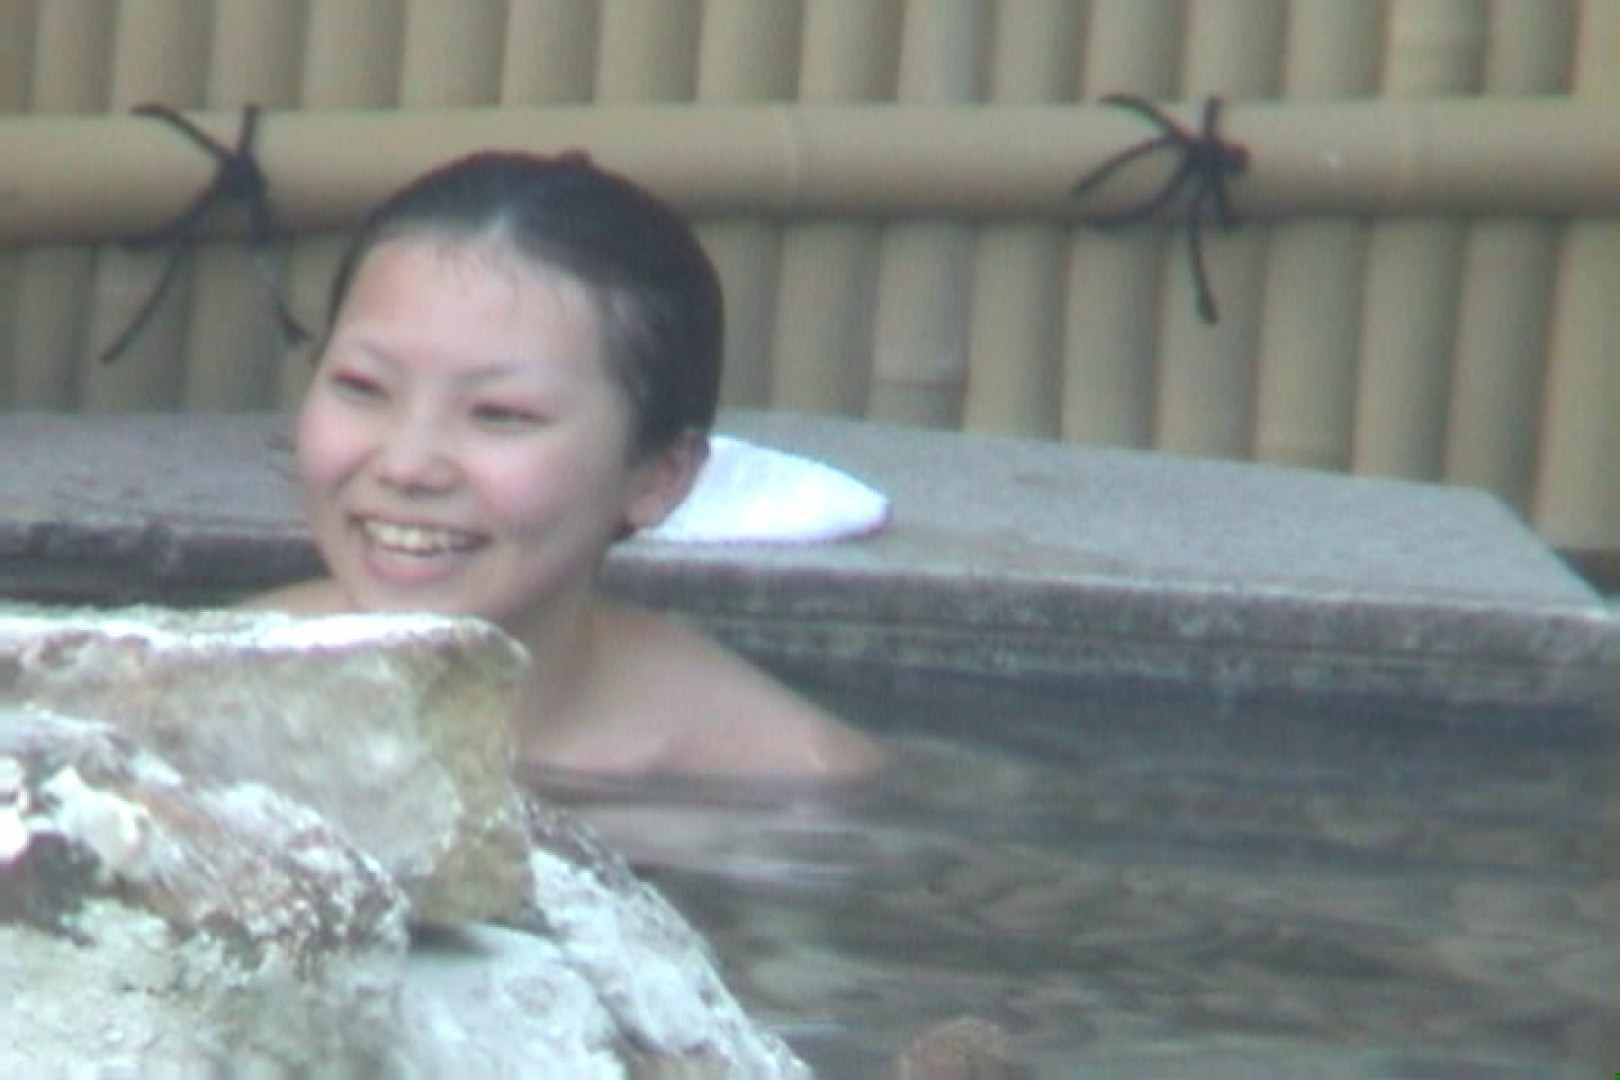 Aquaな露天風呂Vol.572 OLのエロ生活  52連発 30